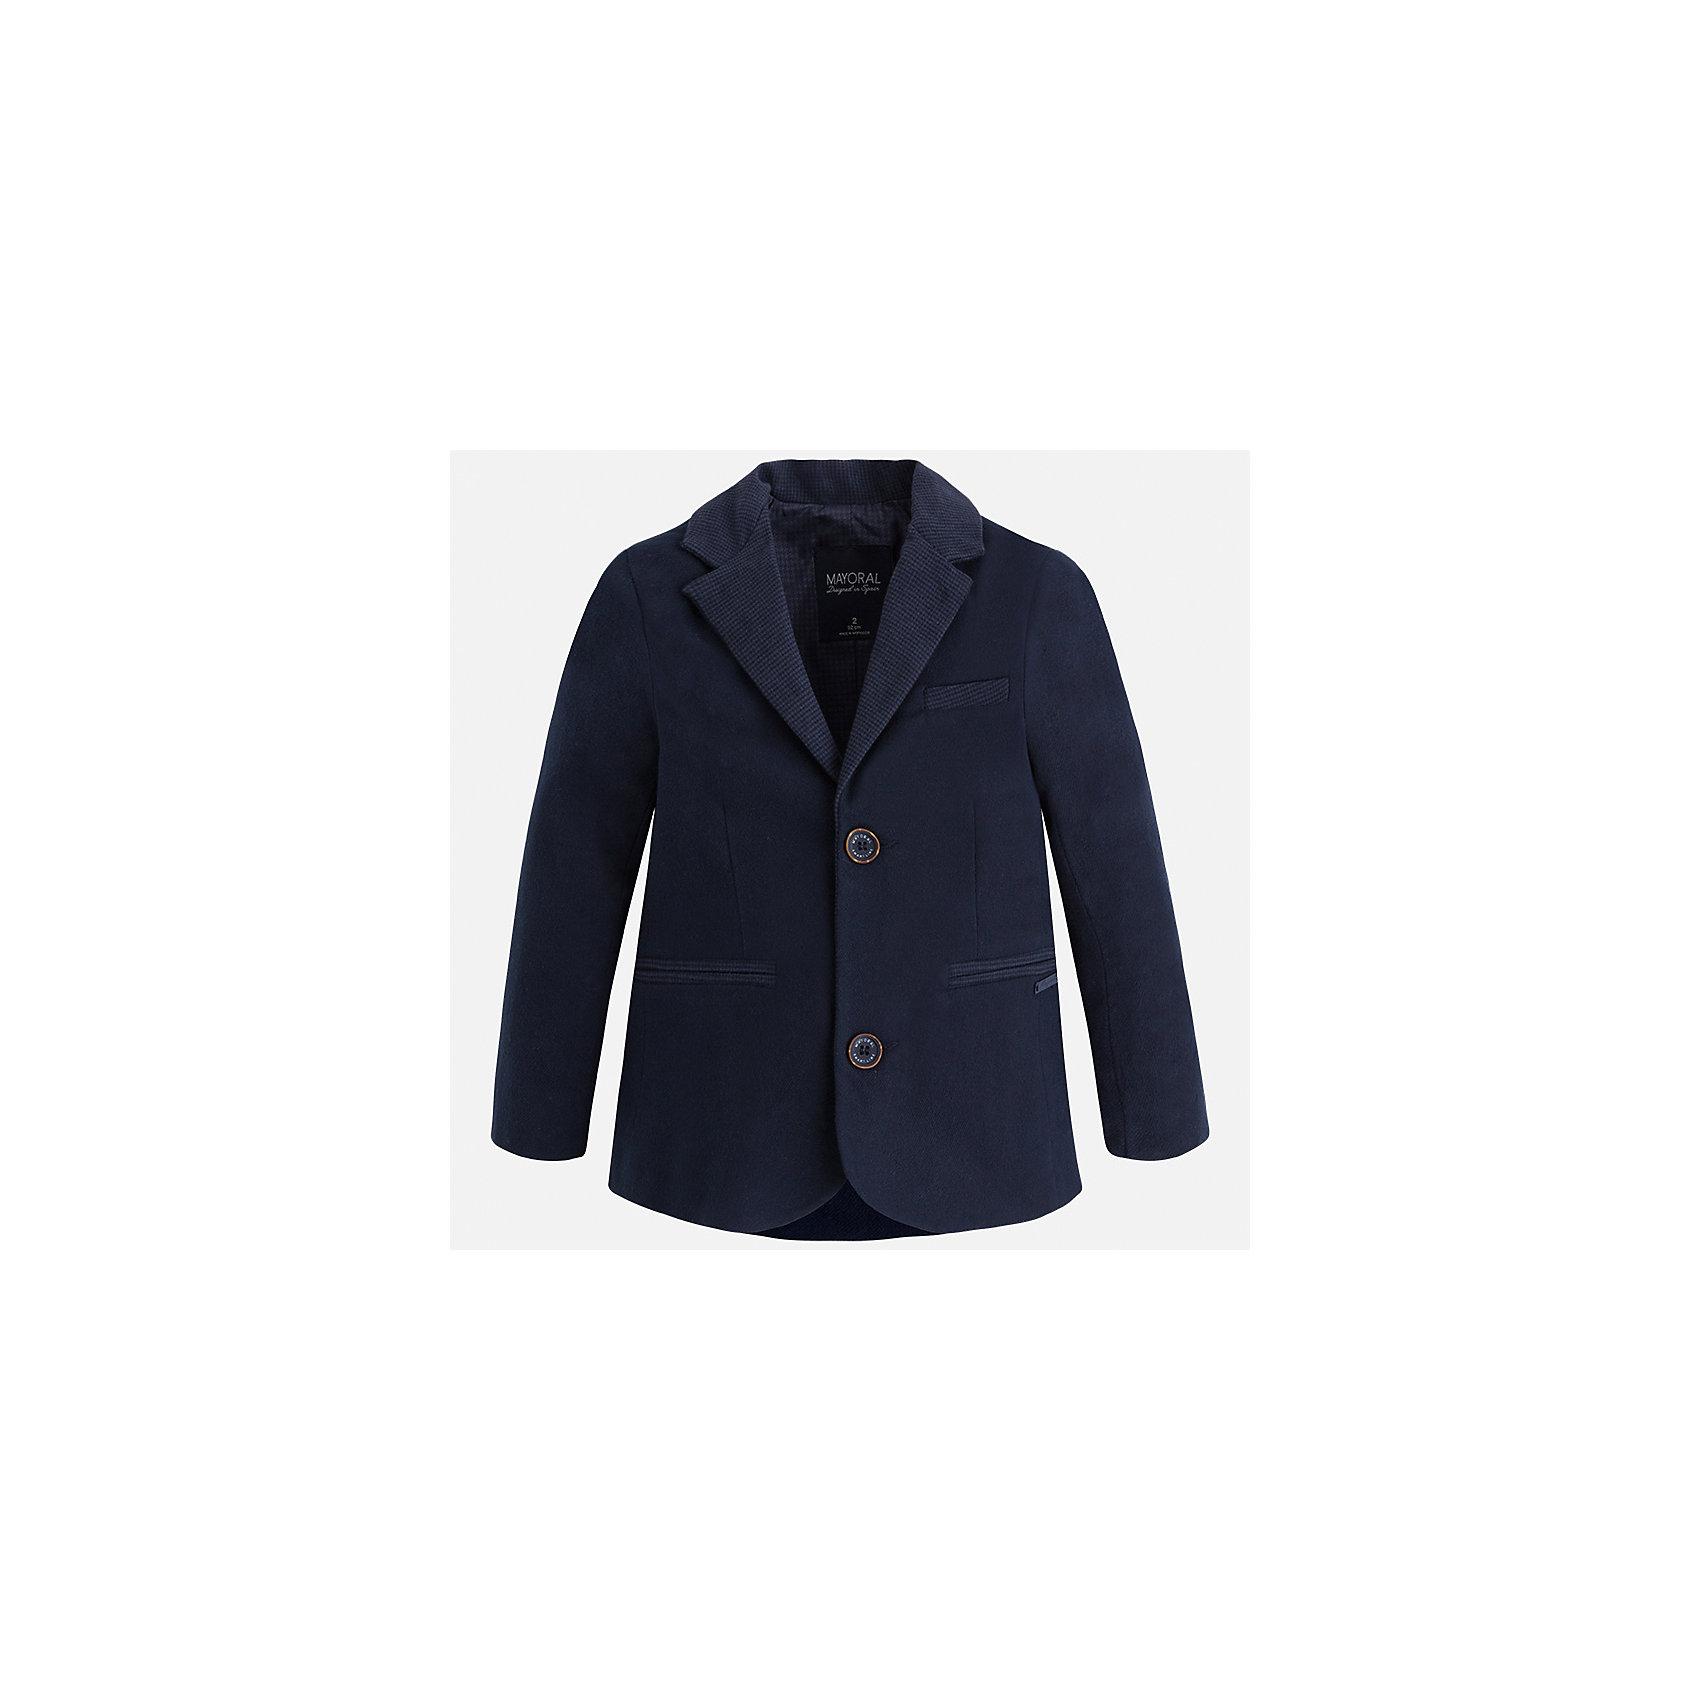 Пиджак для мальчика MayoralКостюмы и пиджаки<br>Характеристики товара:<br><br>• цвет: синий<br>• состав ткани: 98% хлопок, 2% эластан<br>• подкладка: 100% полиэстер<br>• сезон: демисезон<br>• особенности модели: школьная<br>• длинные рукава<br>• застежка: пуговицы<br>• страна бренда: Испания<br>• страна изготовитель: Индия<br><br>Классический детский пиджак для мальчика отлично подойдет для похода в школу или для торжественных случаев. Хороший способ обеспечить ребенку аккуратный внешний вид и комфорт - надеть детский пиджак от Mayoral. Детский пиджак сшит из приятного на ощупь материала. Пиджак для мальчика Mayoral дополнен подкладкой.<br><br>Пиджак для мальчика Mayoral (Майорал) можно купить в нашем интернет-магазине.<br><br>Ширина мм: 190<br>Глубина мм: 74<br>Высота мм: 229<br>Вес г: 236<br>Цвет: синий<br>Возраст от месяцев: 96<br>Возраст до месяцев: 108<br>Пол: Мужской<br>Возраст: Детский<br>Размер: 134,92,98,104,110,116,122,128<br>SKU: 6934661